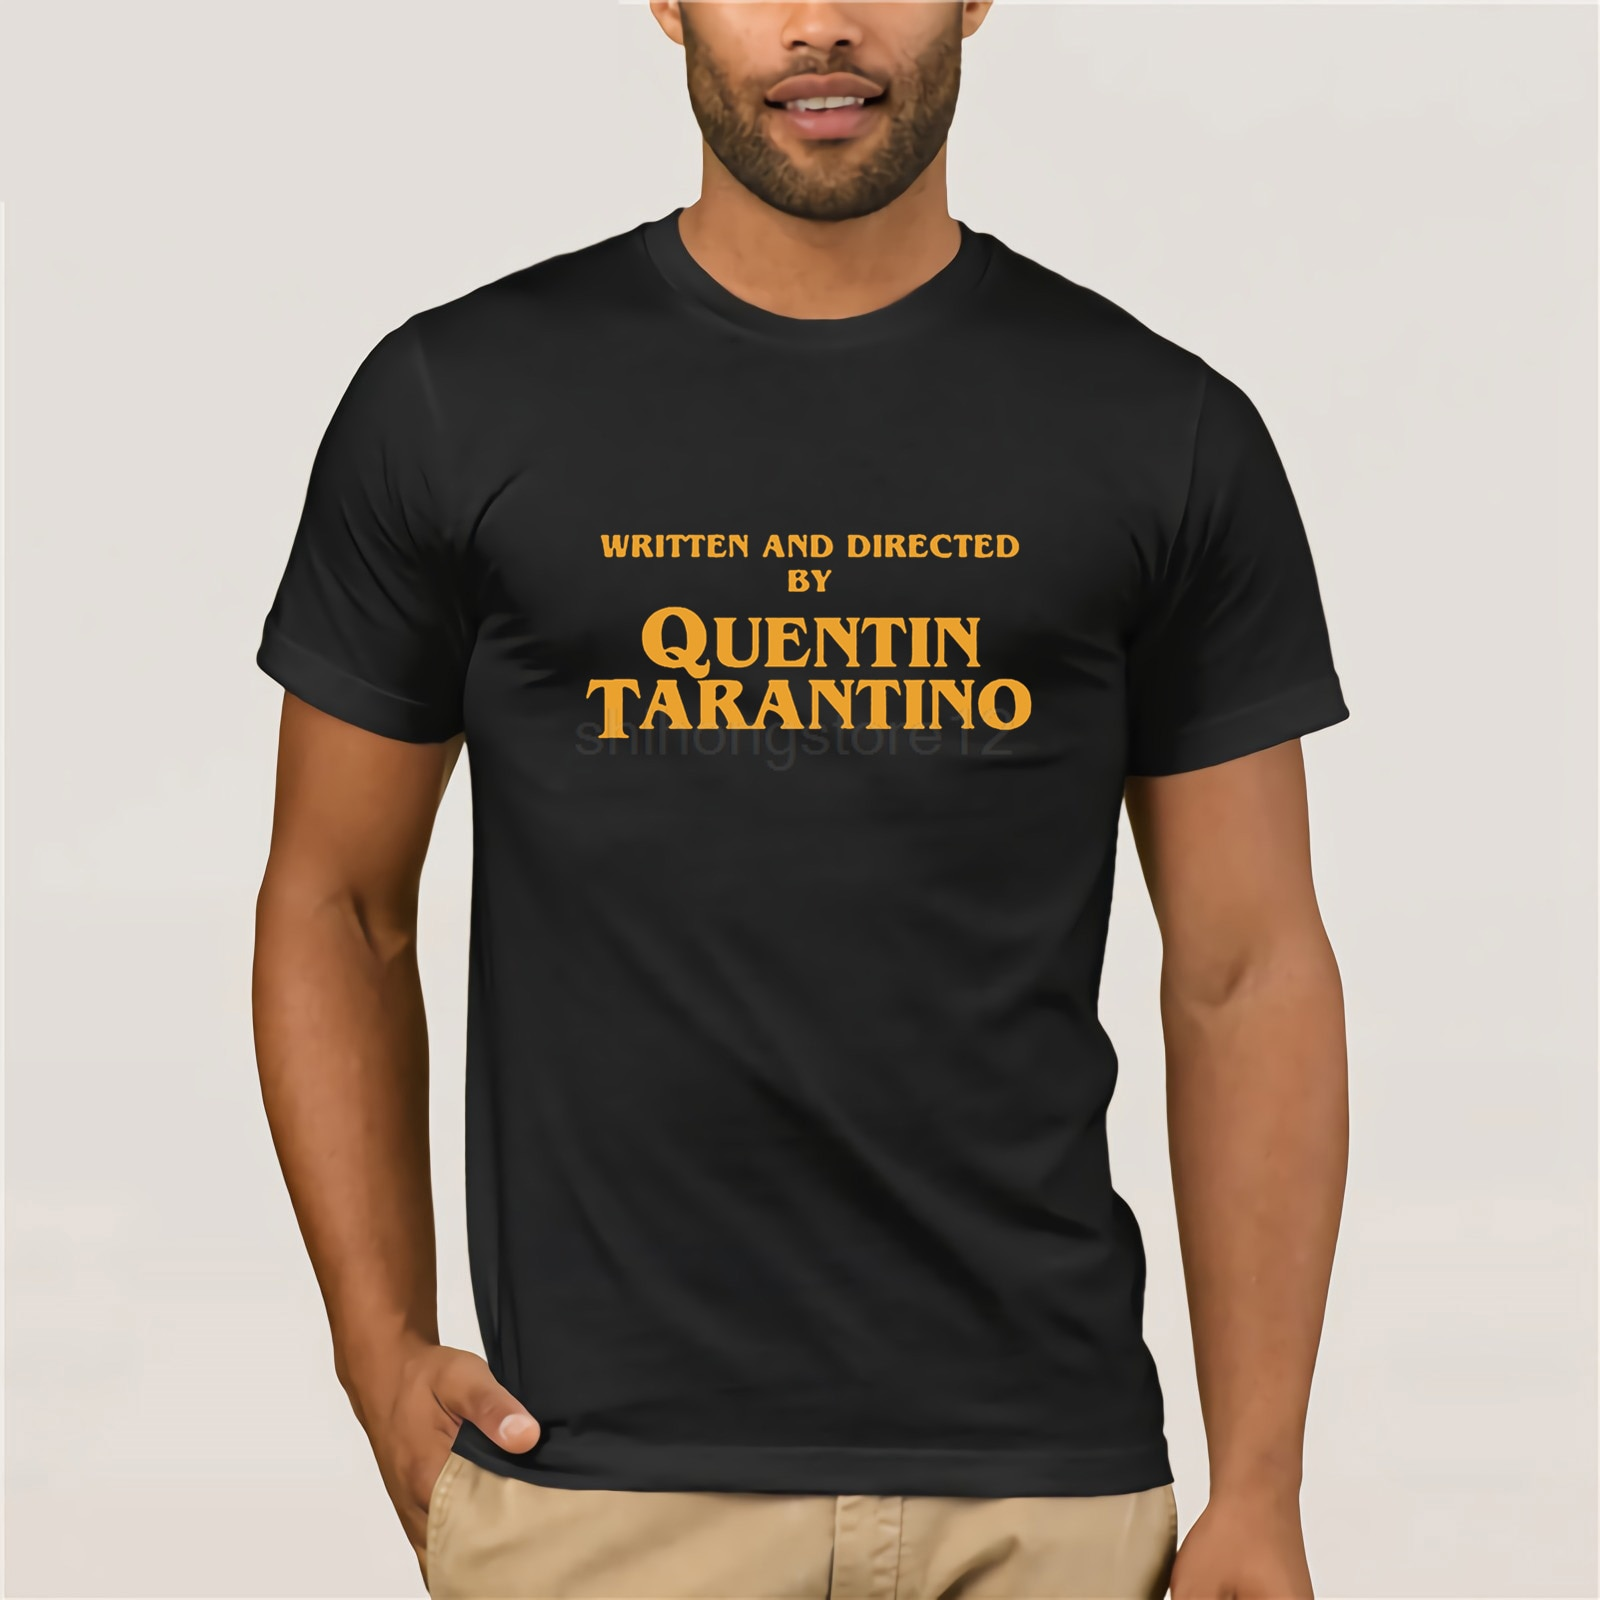 camiseta-de-pelicula-de-pulp-fiction-django-kill-bill-2-john-travolta-para-hombre-ropa-para-parte-superior-masculina